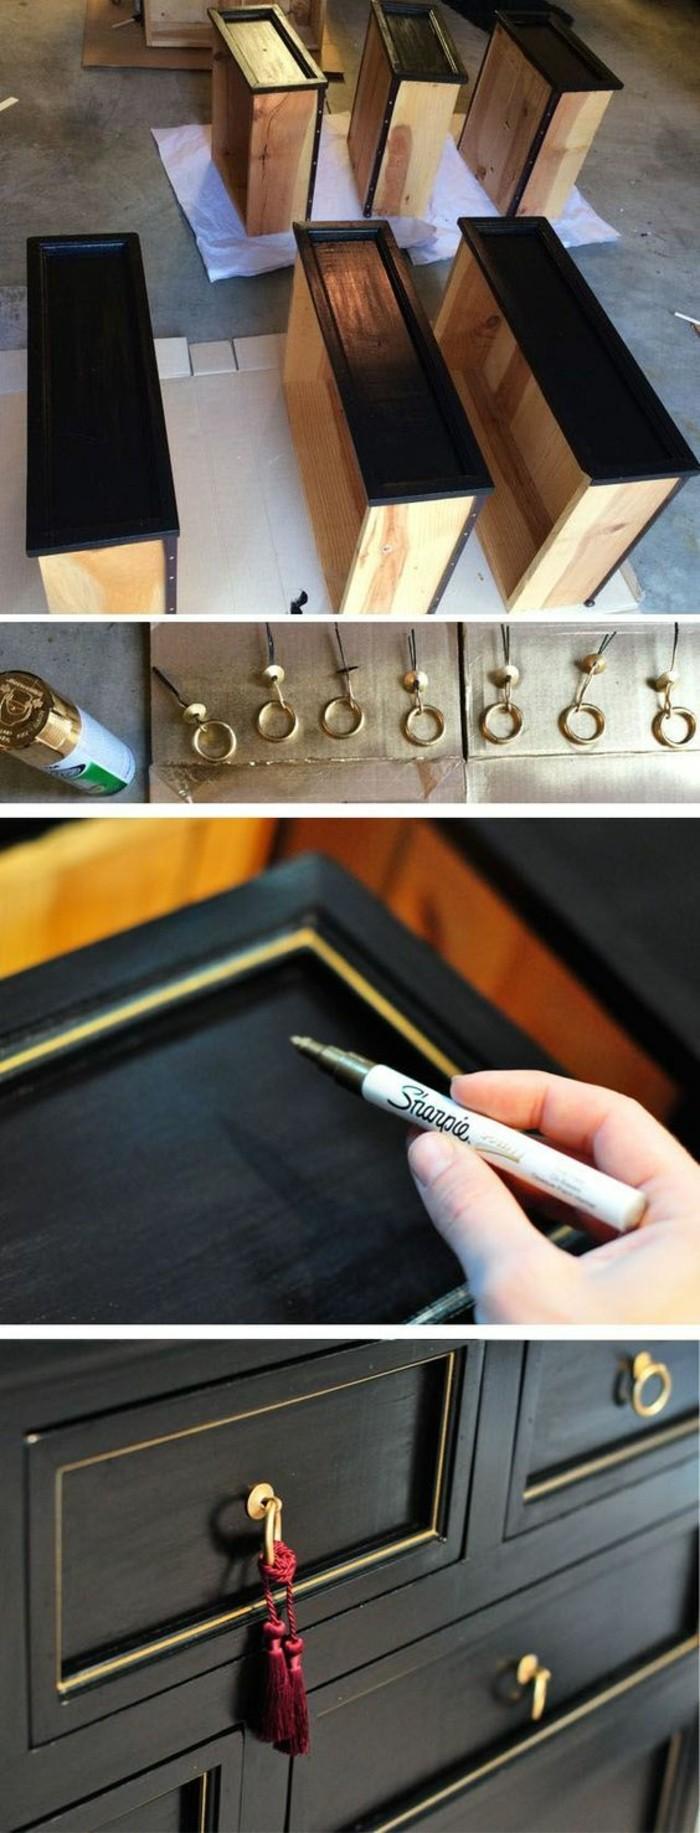 5-Alte-Möbel-aufpeppen-schwarzer-schrank-mit-goldenen-elementen-selber-machen